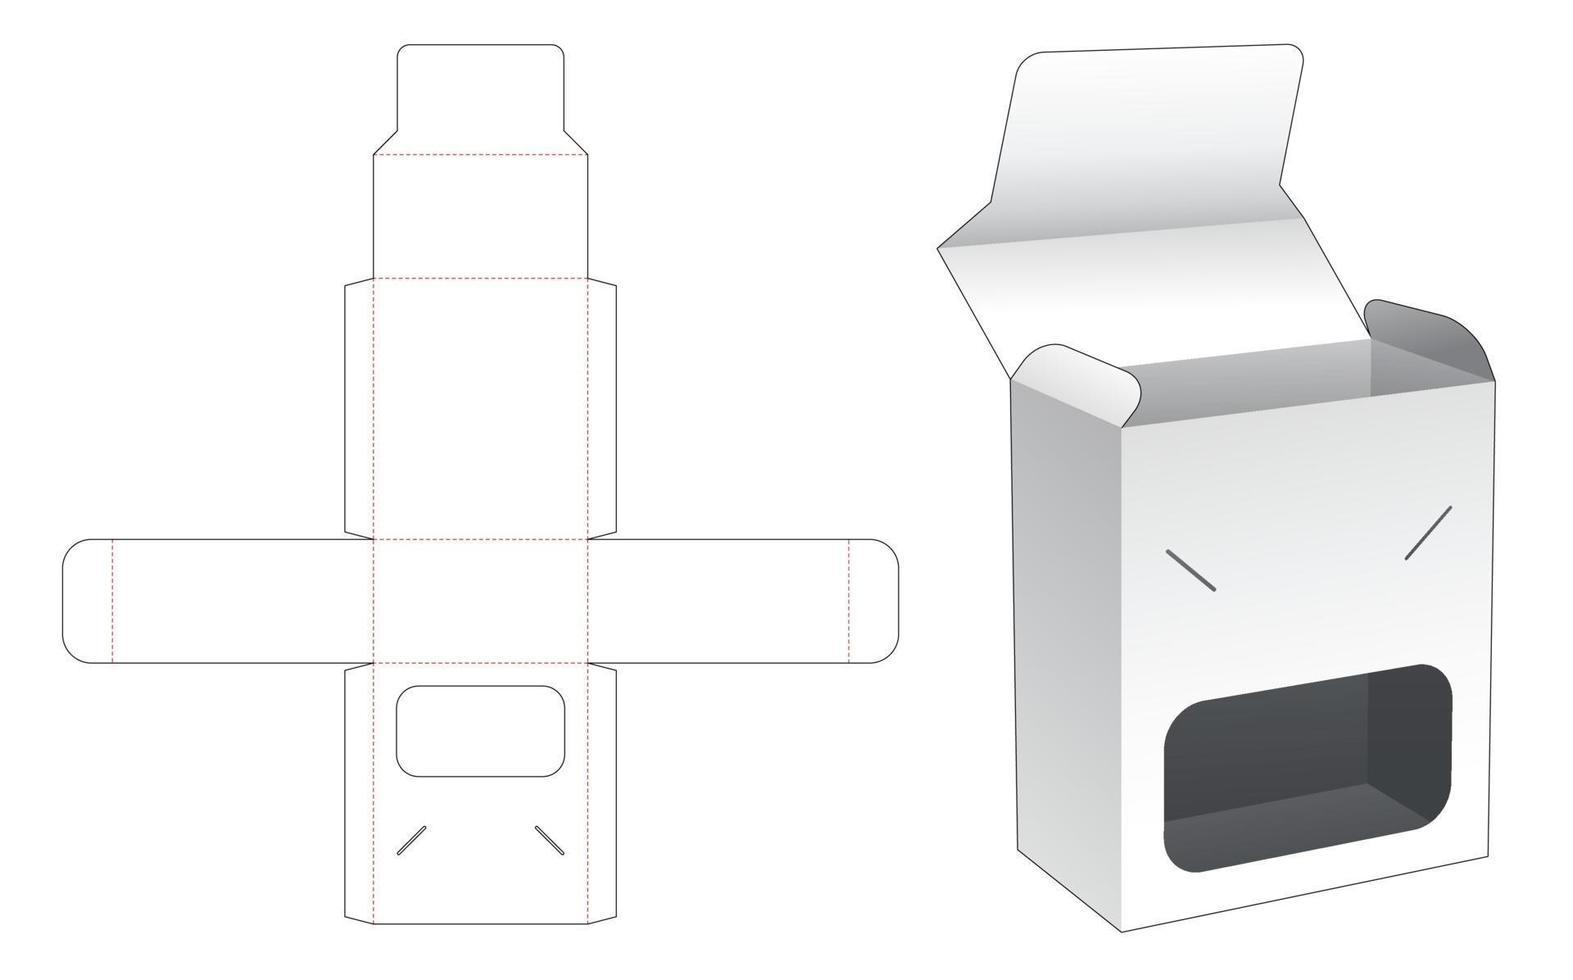 flip box e ponto travado com modelo de janela cortada vetor